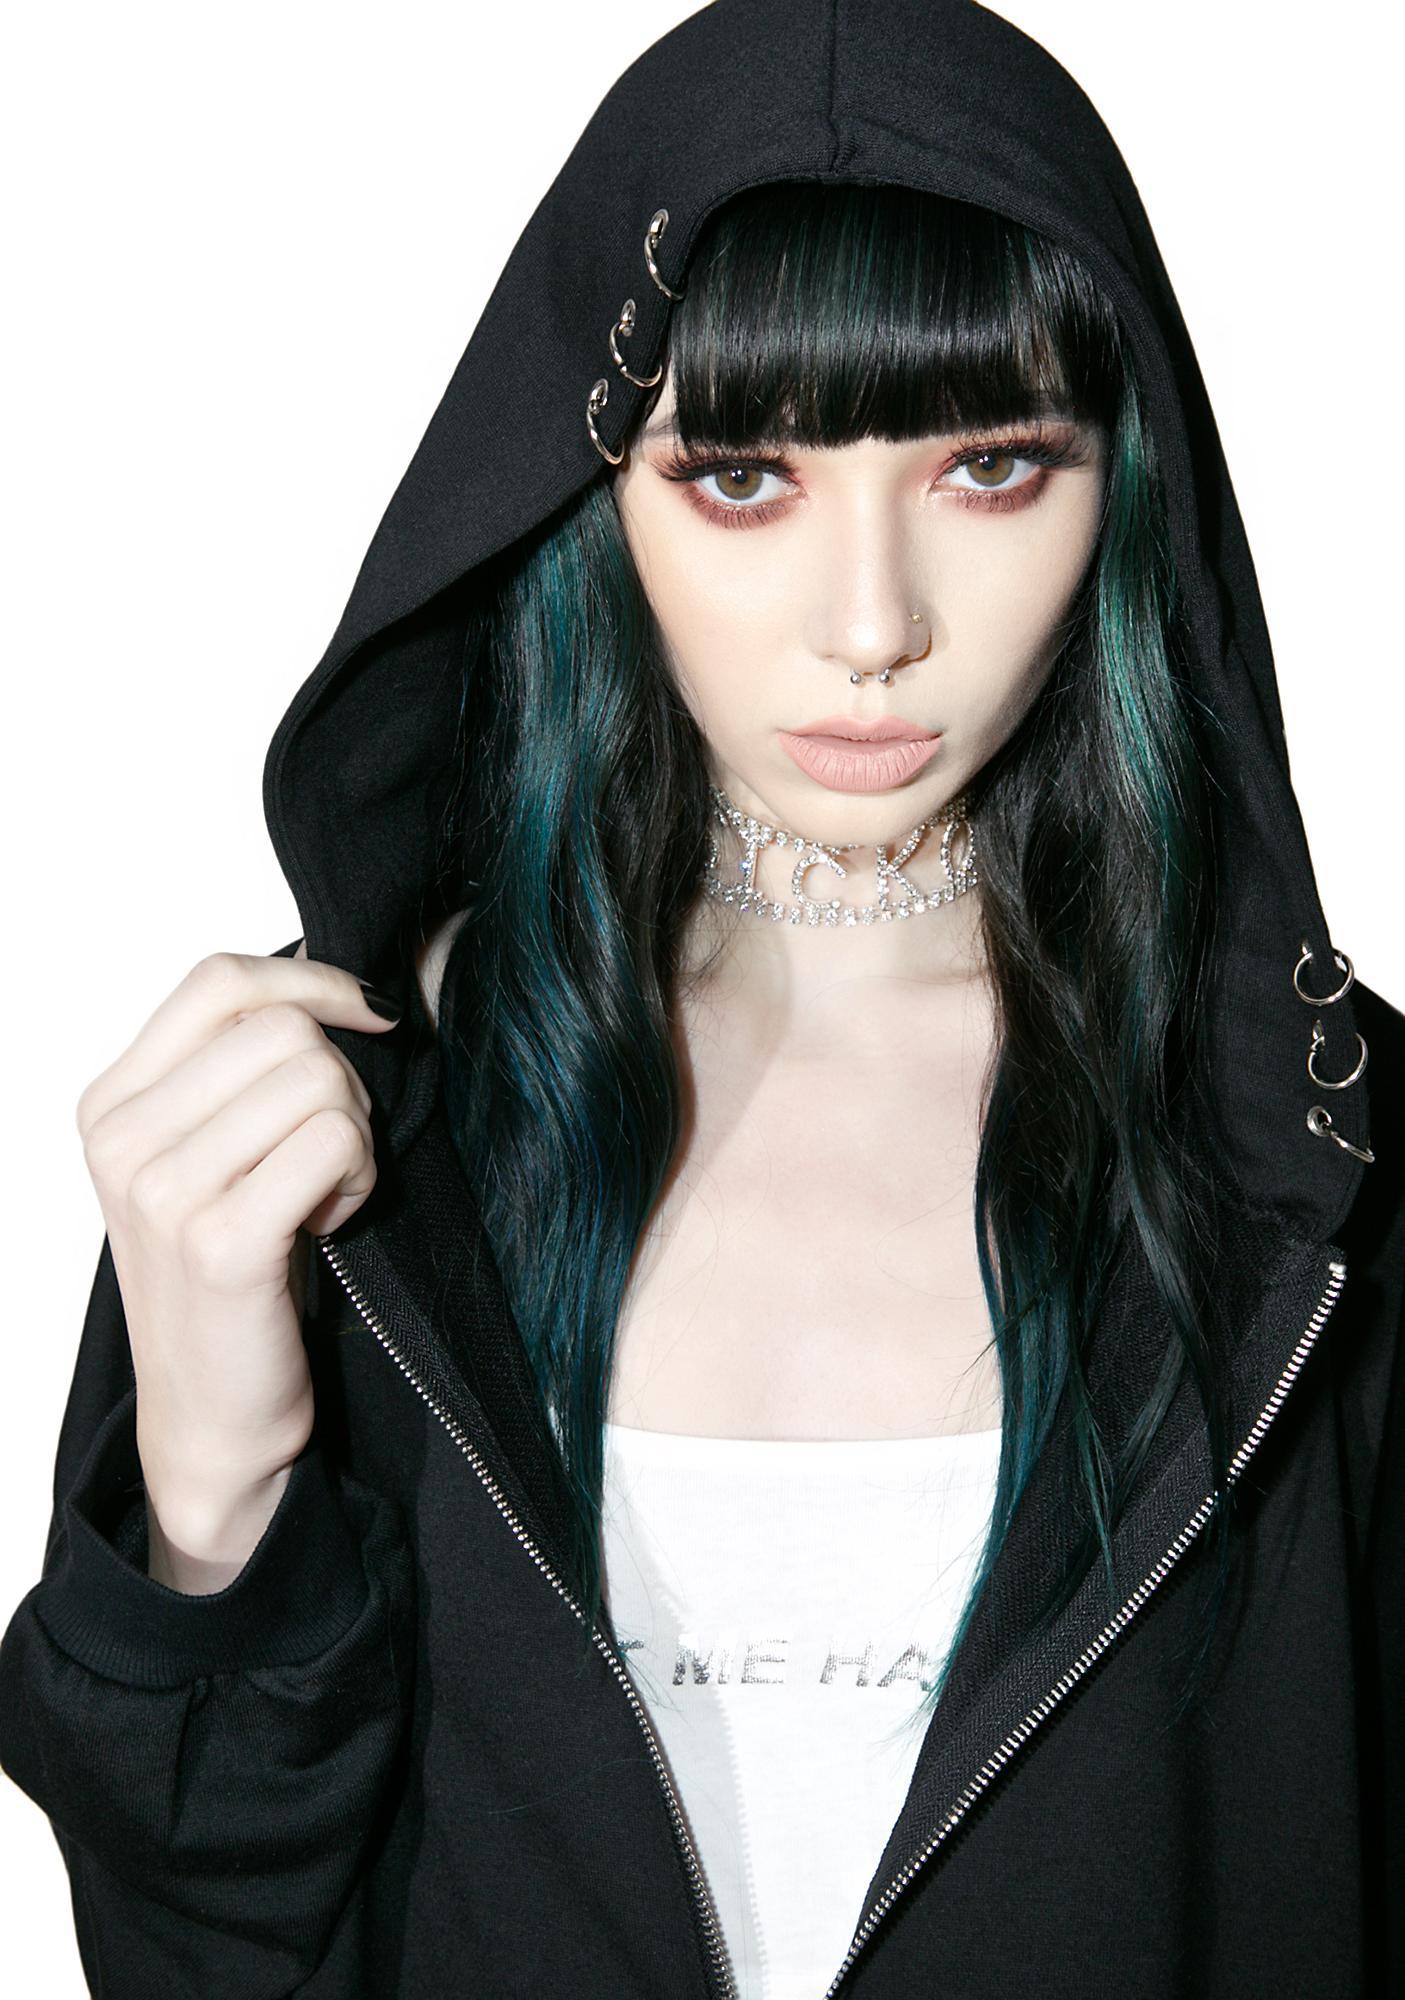 Onyx Pierced Me Zip Up Hoodie